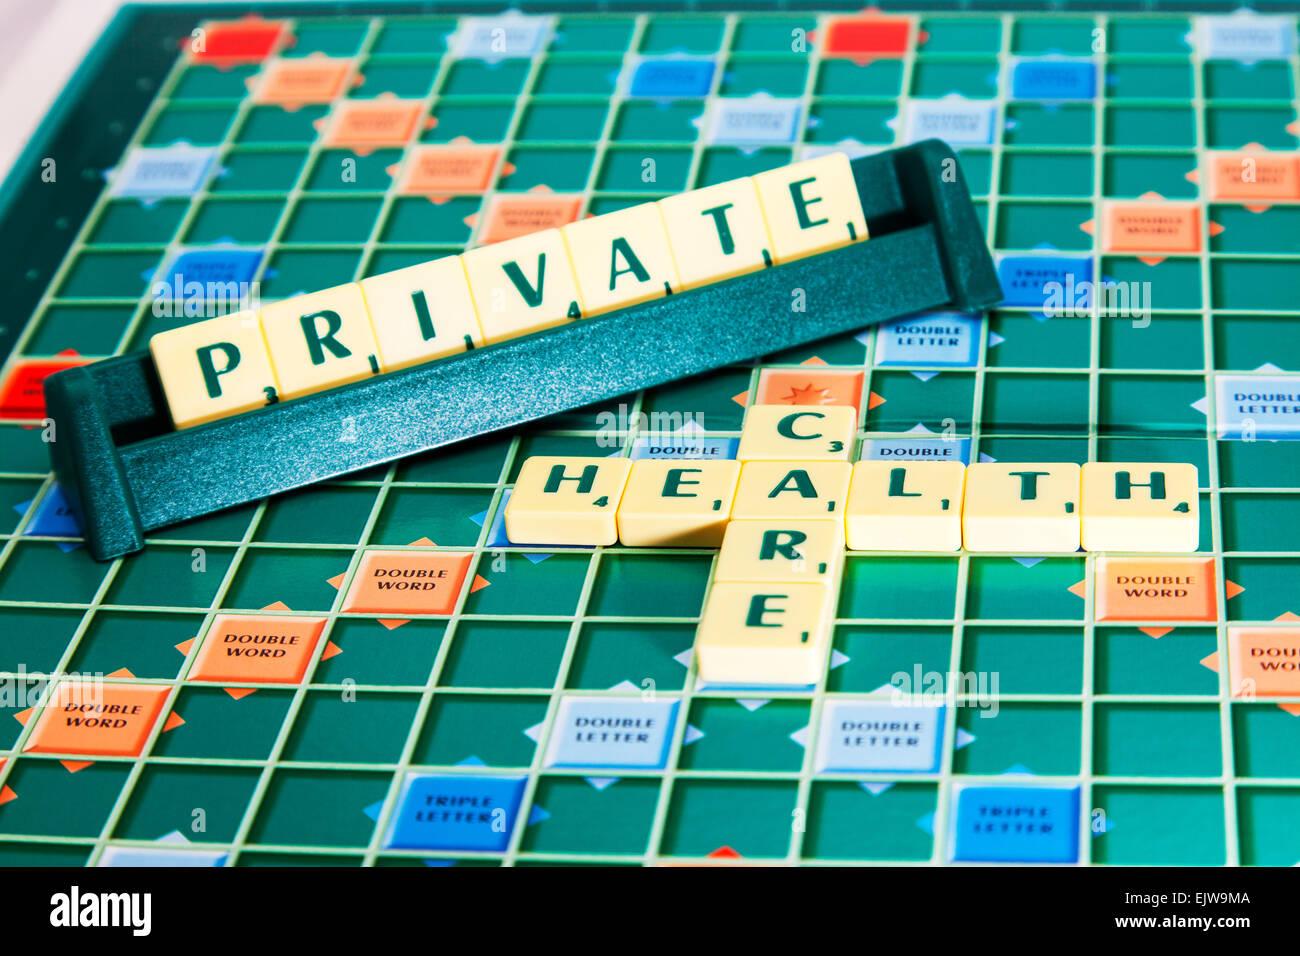 Atención médica privada imc bupa seguros utilizando palabras scrabble azulejos a deletrear Imagen De Stock